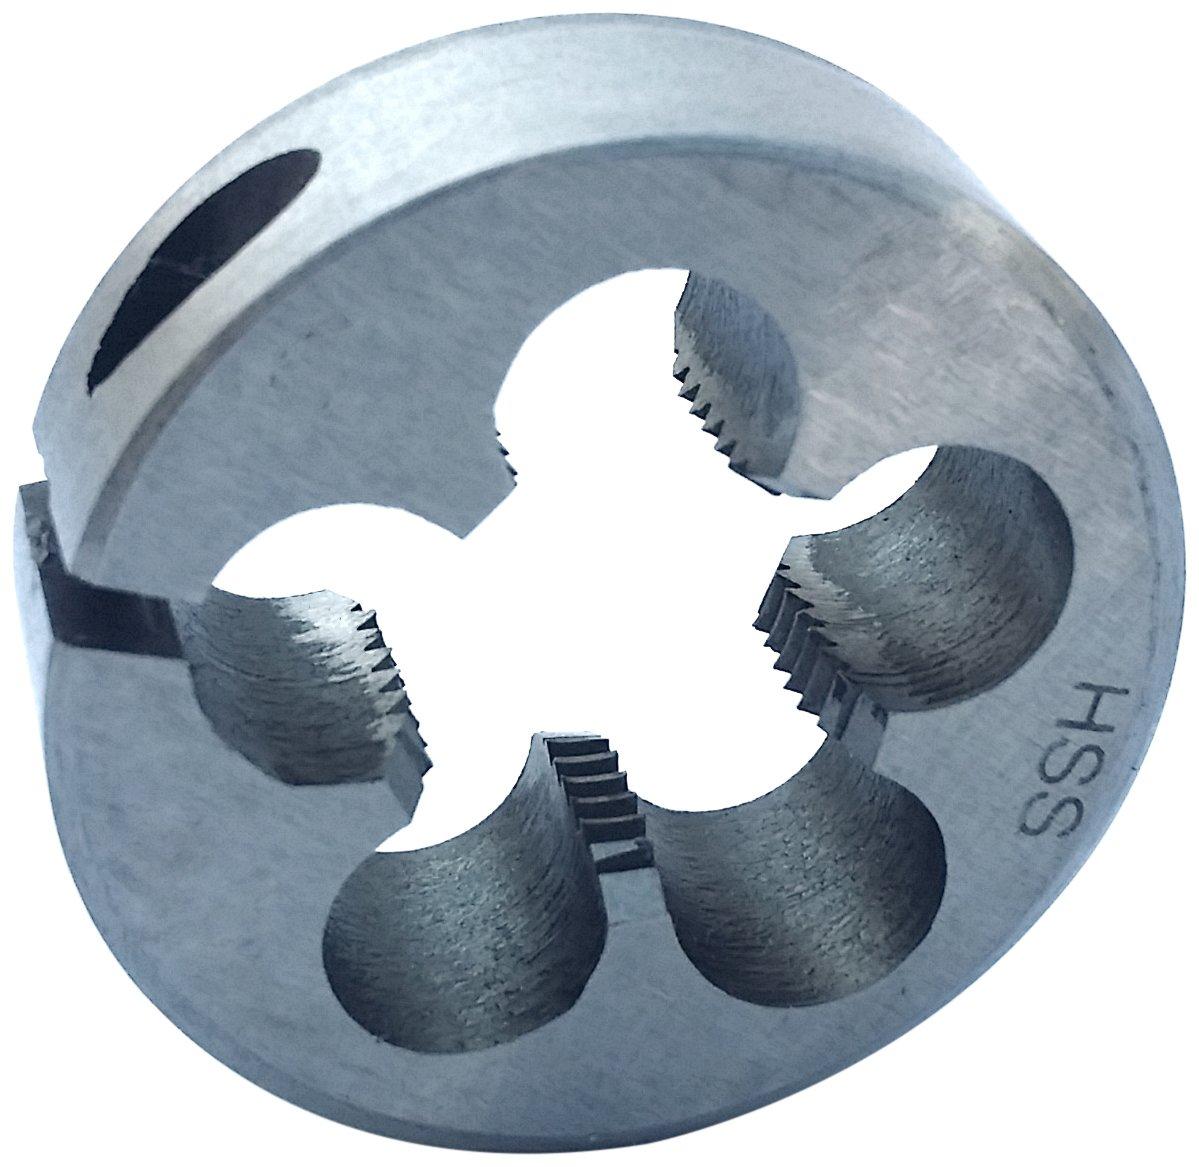 HHIP 1016-1014 4-40 Adjustable Round Split Die 13//16 OD